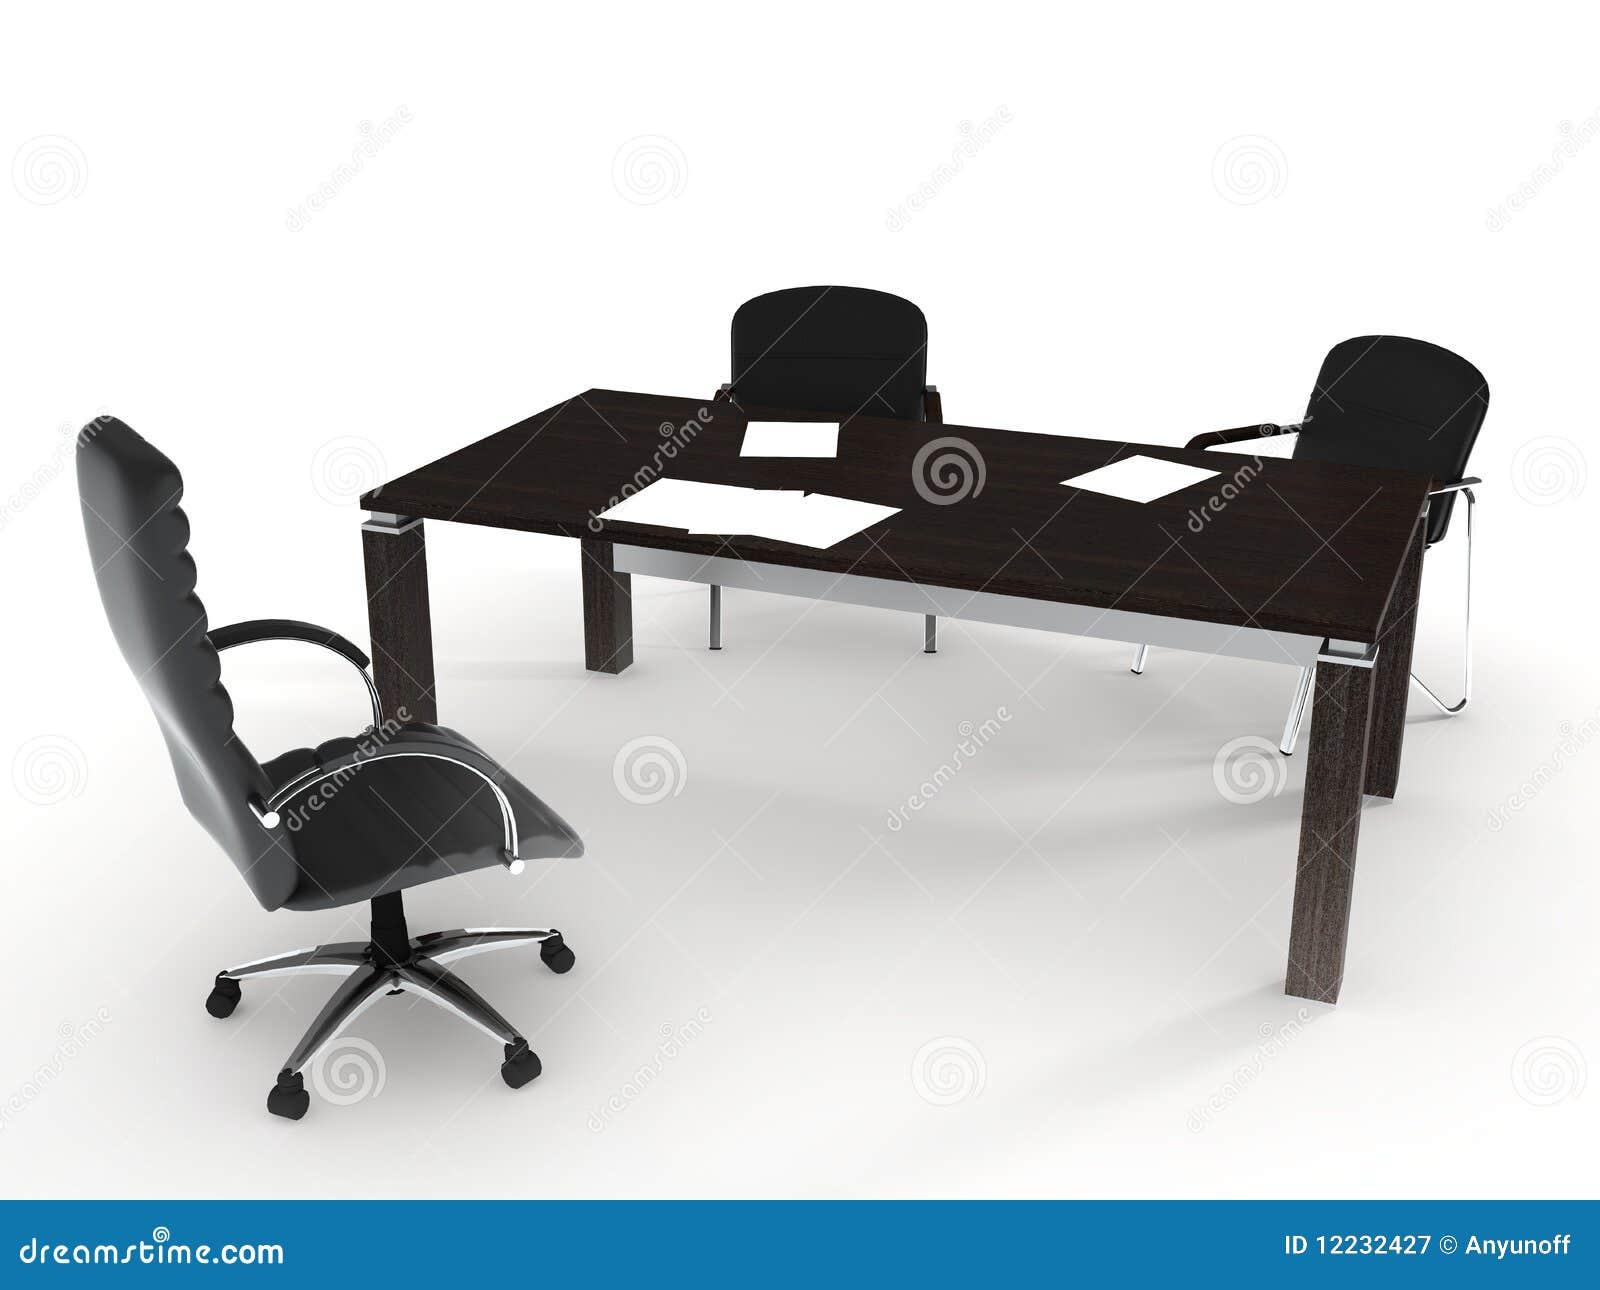 kantoormeubilair royalty vrije stock fotografie afbeelding 12232427